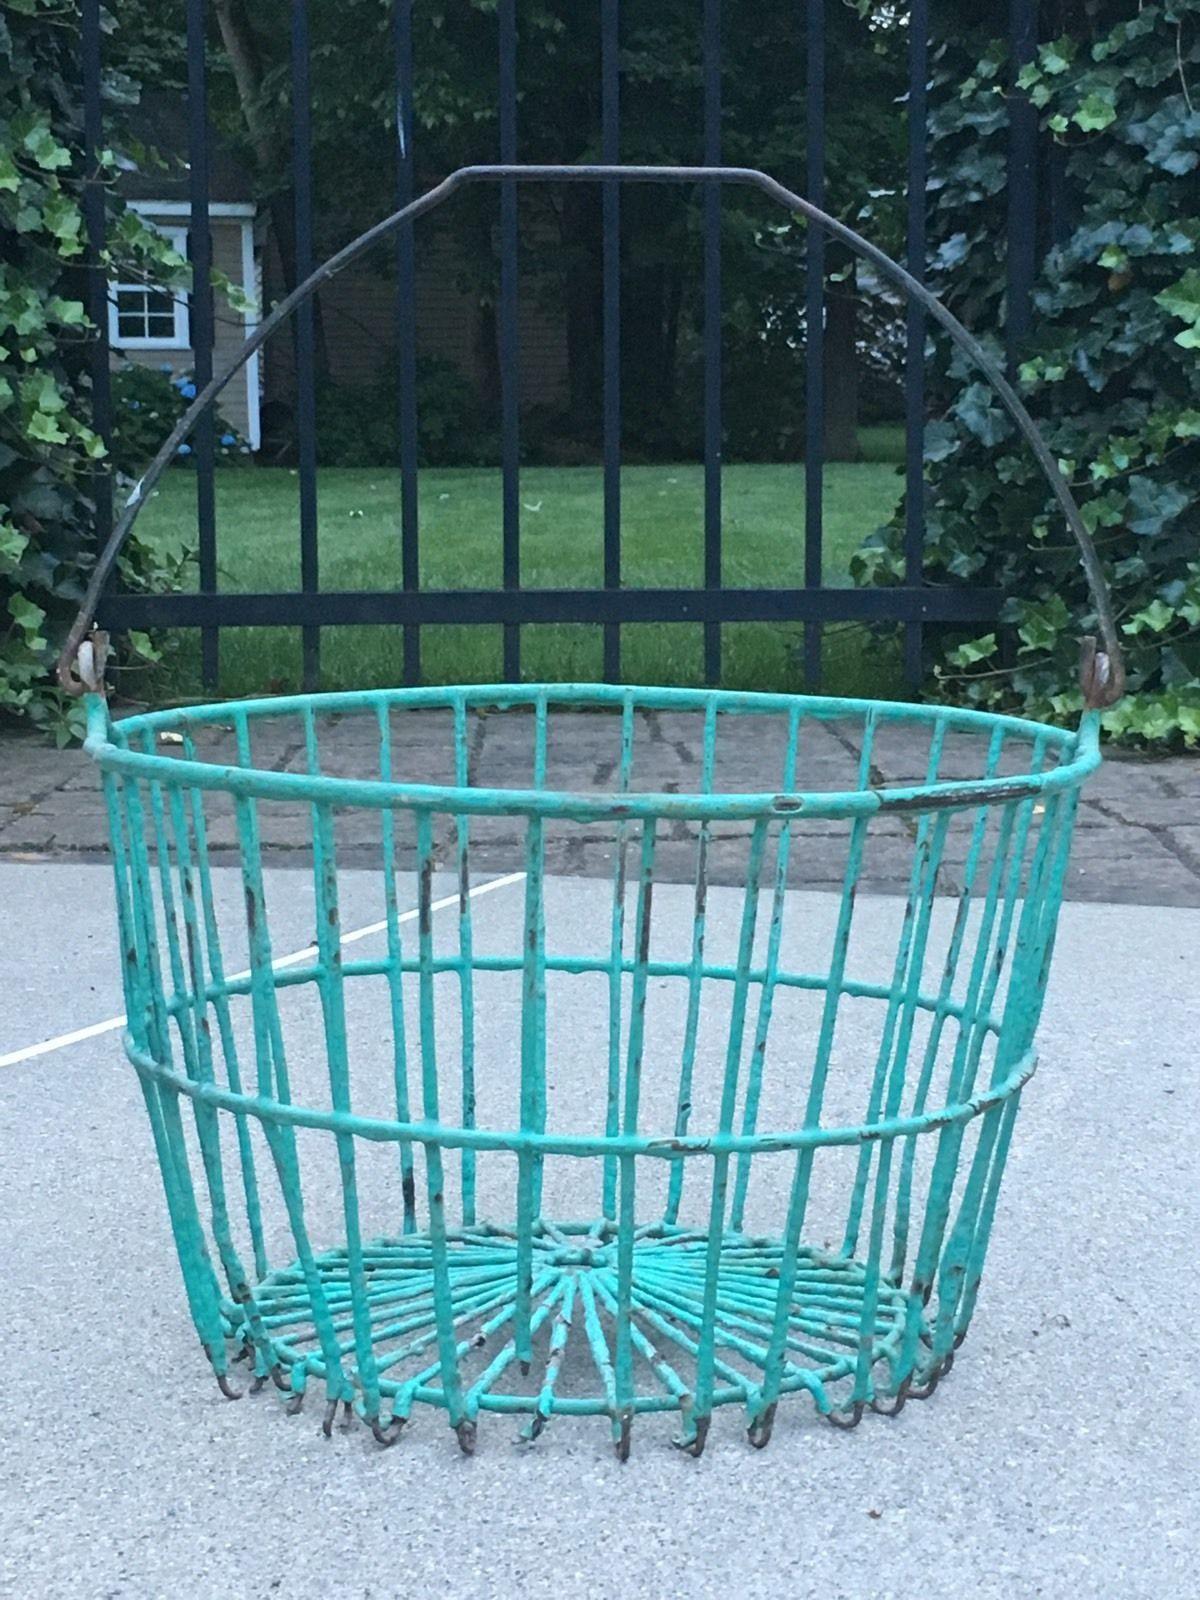 Vintage Green Plastic Coated Wire Egg Gathering Basket | eBay ...